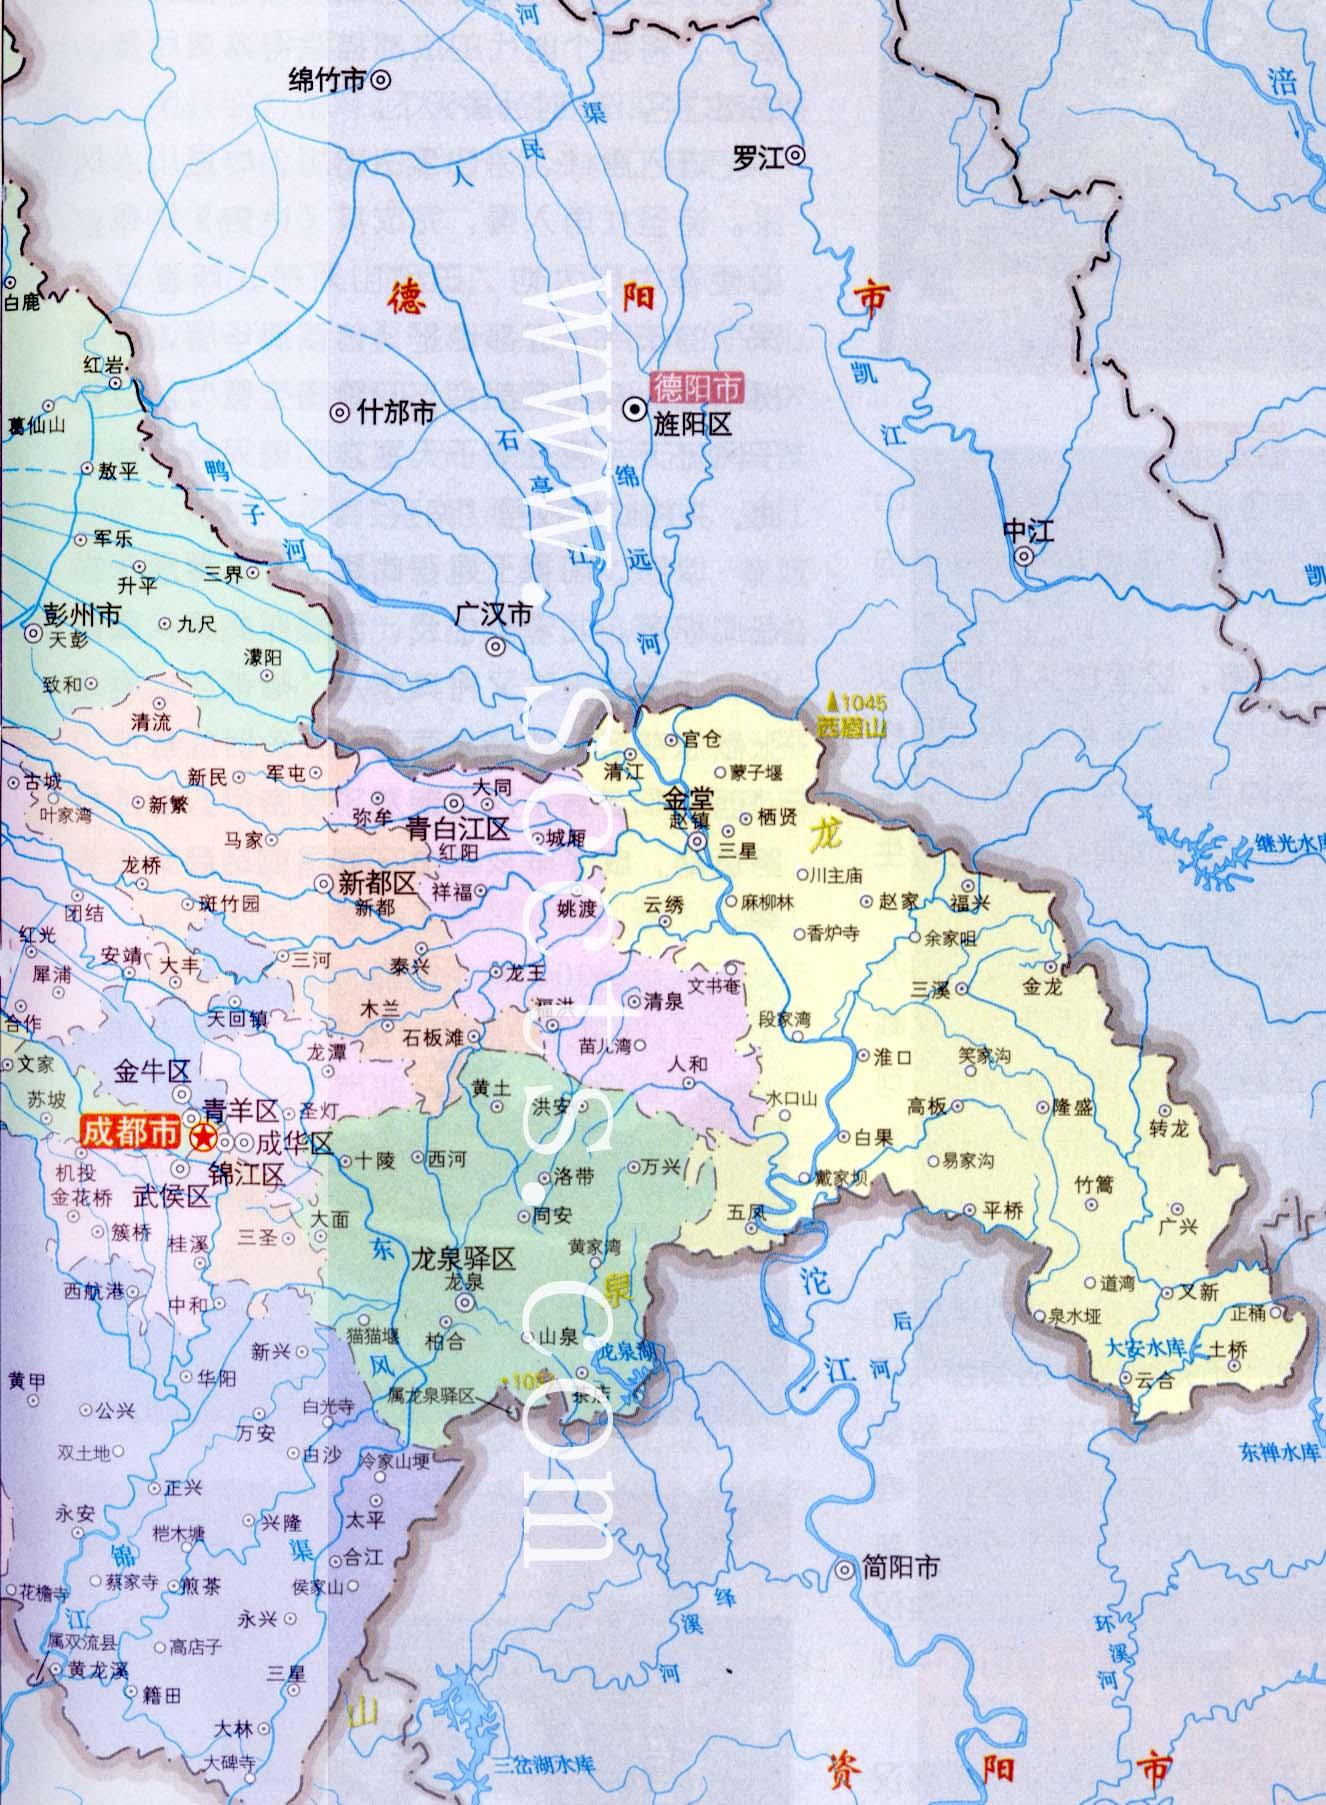 成都市地图全图_成都地铁|成都地铁地图、成都地铁时刻表、成都地铁购票须知 ...